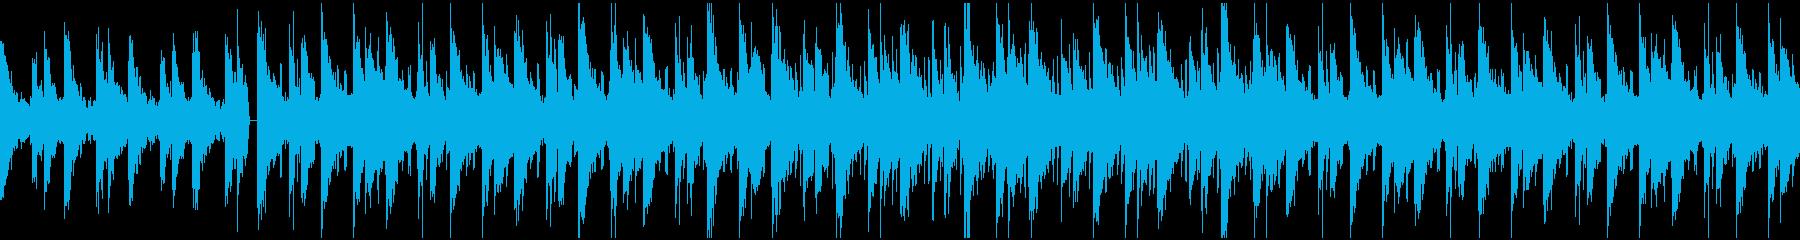 チルアウト 優しいローファイヒップホップの再生済みの波形